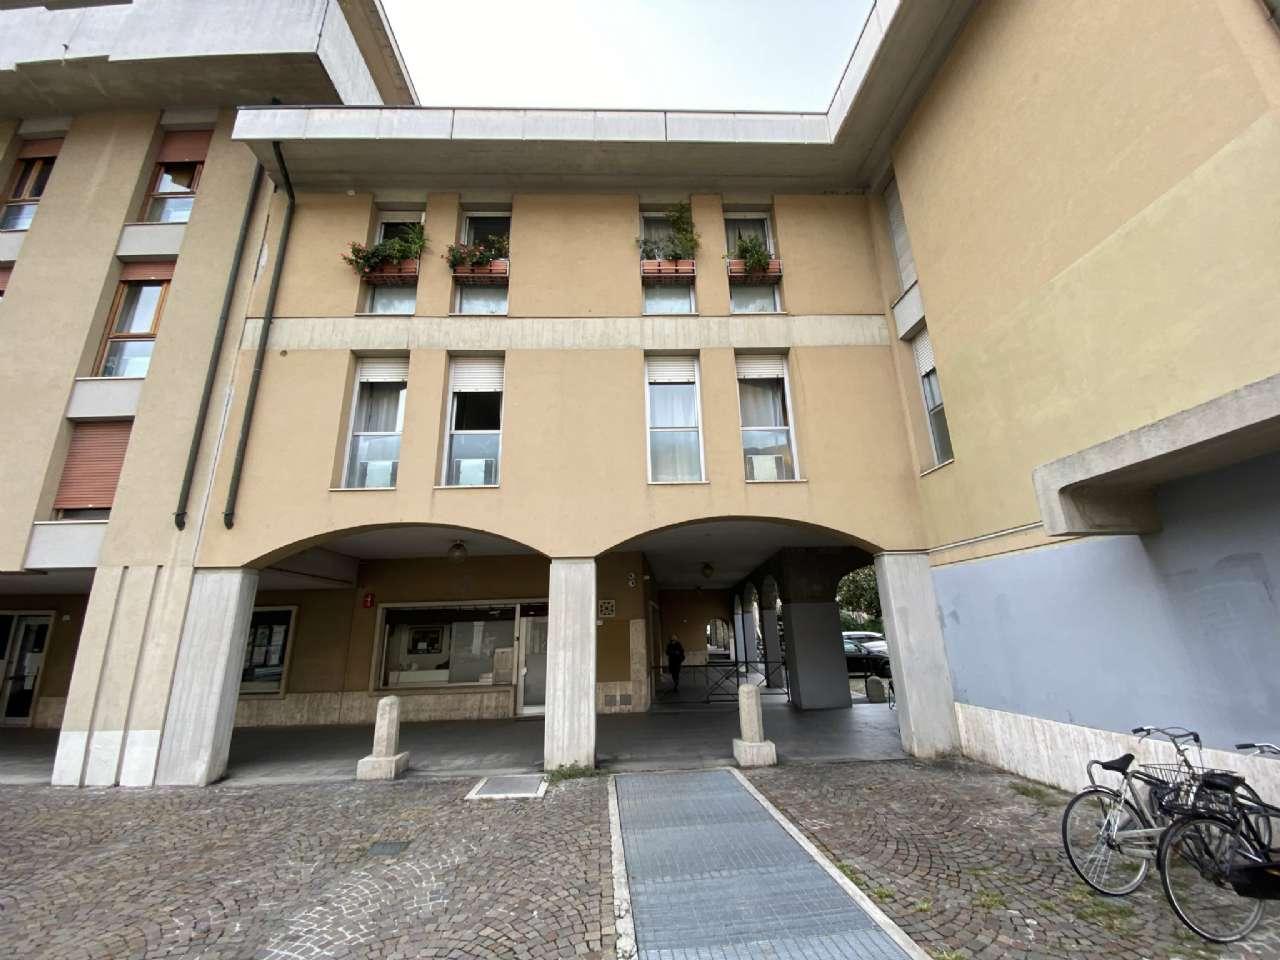 Quadrilocale, Piazza Petrarca, Zona Ponte Molino/Savonarola, Padova, foto 7